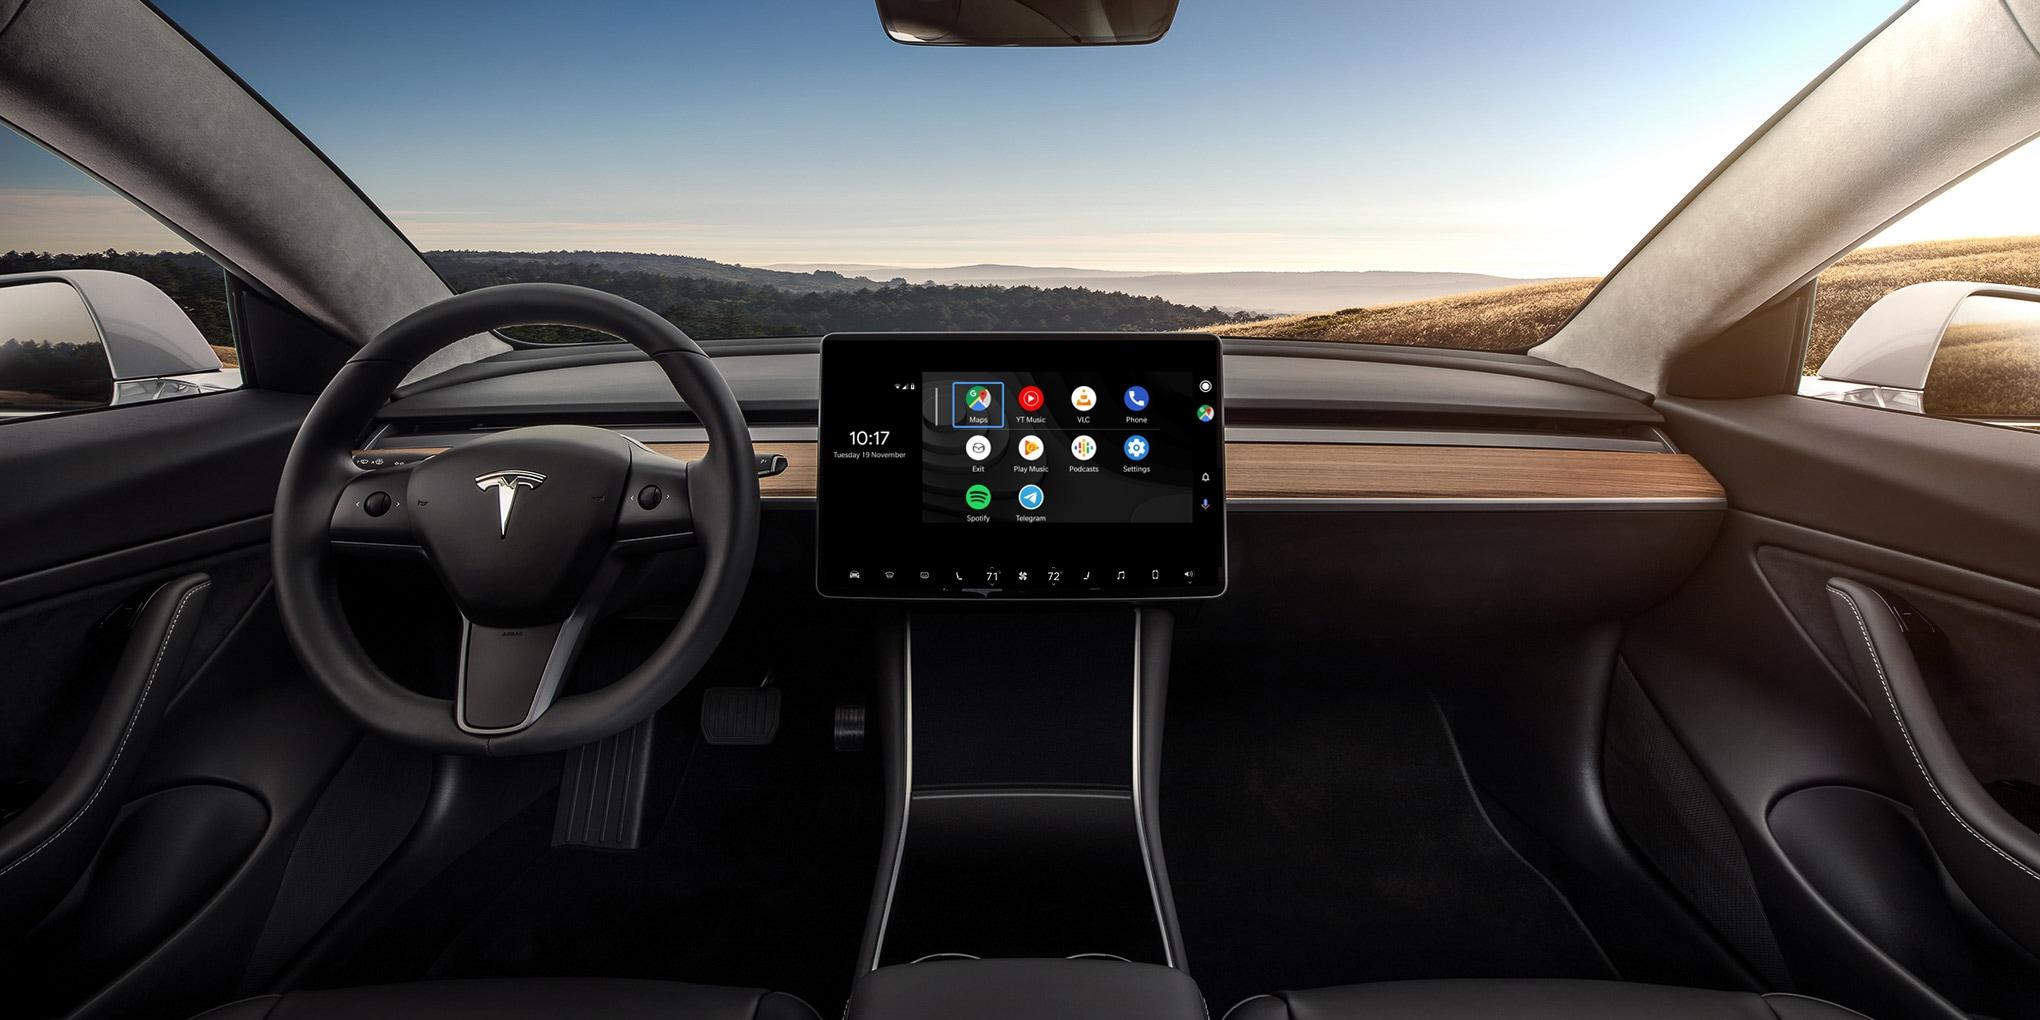 Android Auto su una Tesla? Qualcuno ci è riuscito, ma non è per niente semplice (video)